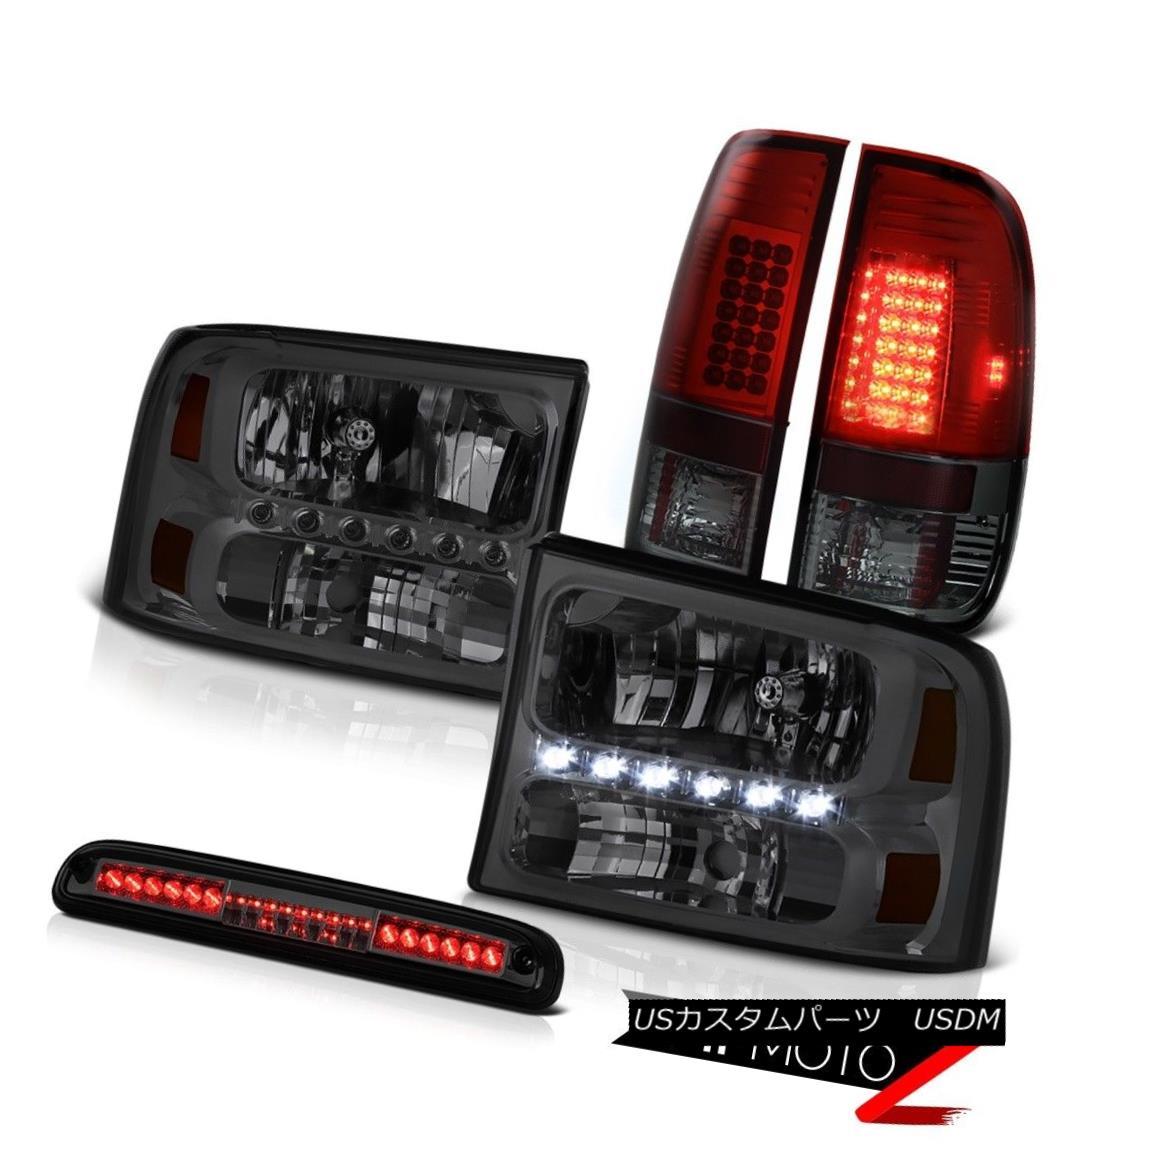 テールライト 99 00 01 02 03 04 F250 XLT Tinted Headlights Red Smoke LED Tail Light Roof Stop 99 00 01 02 03 04 F250 XLT着色ヘッドライト赤煙LEDテールライトルーフストップ